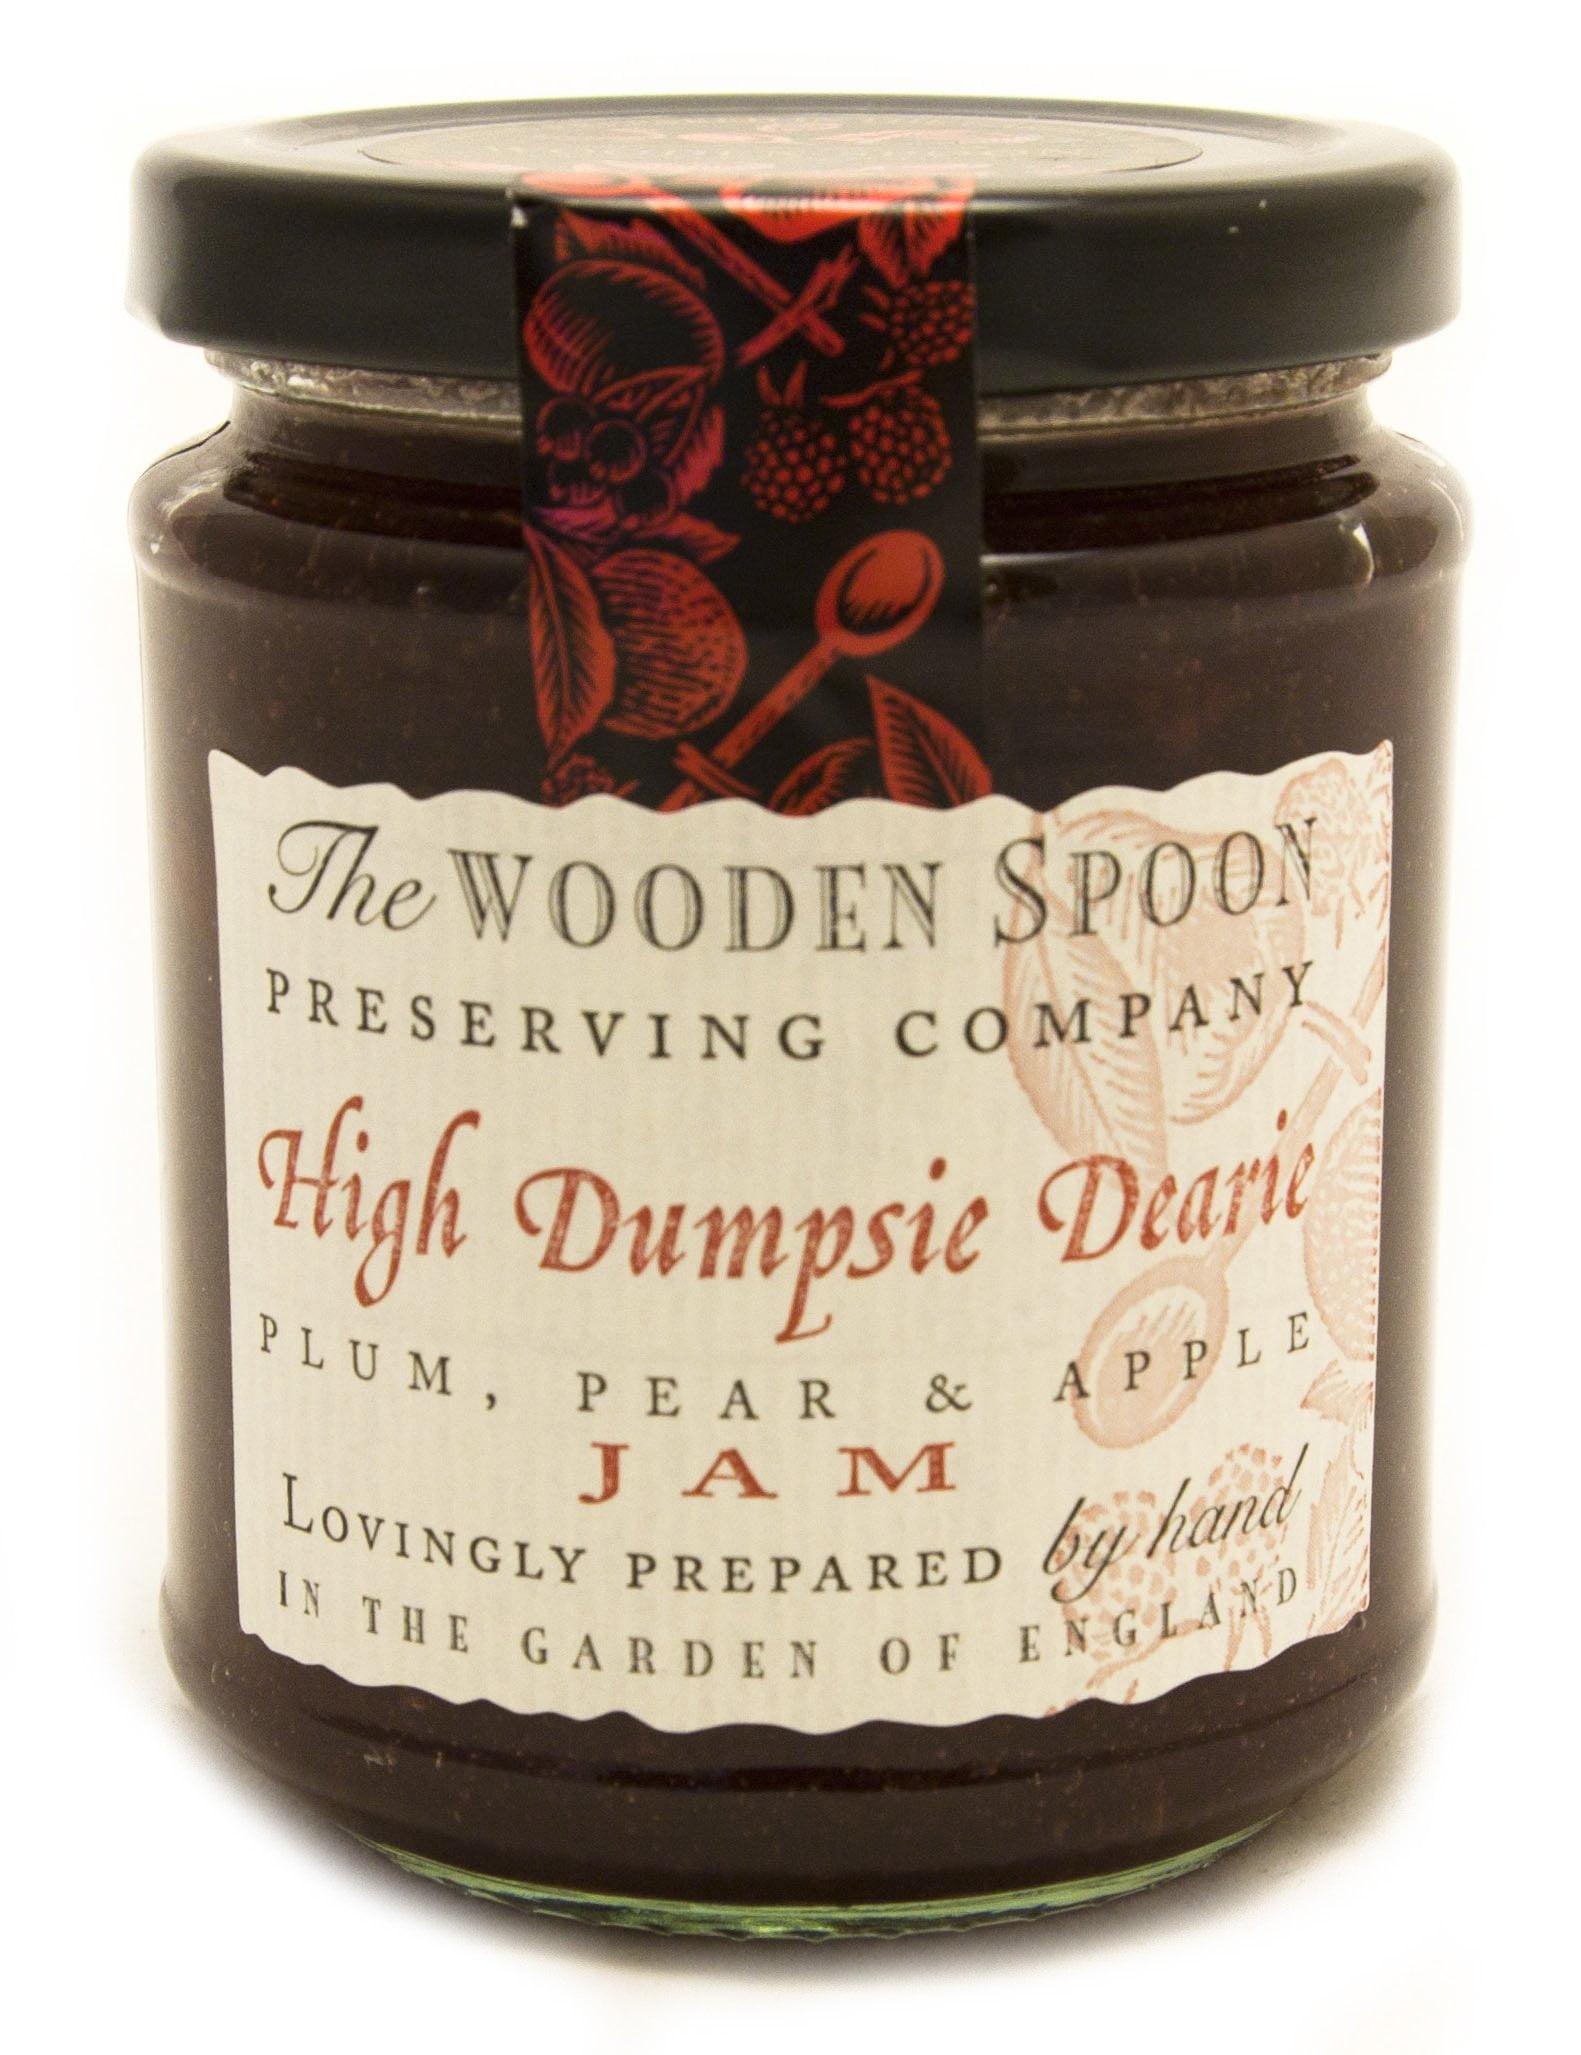 High Dumpsie Dearie - Plum, Pear, Apple